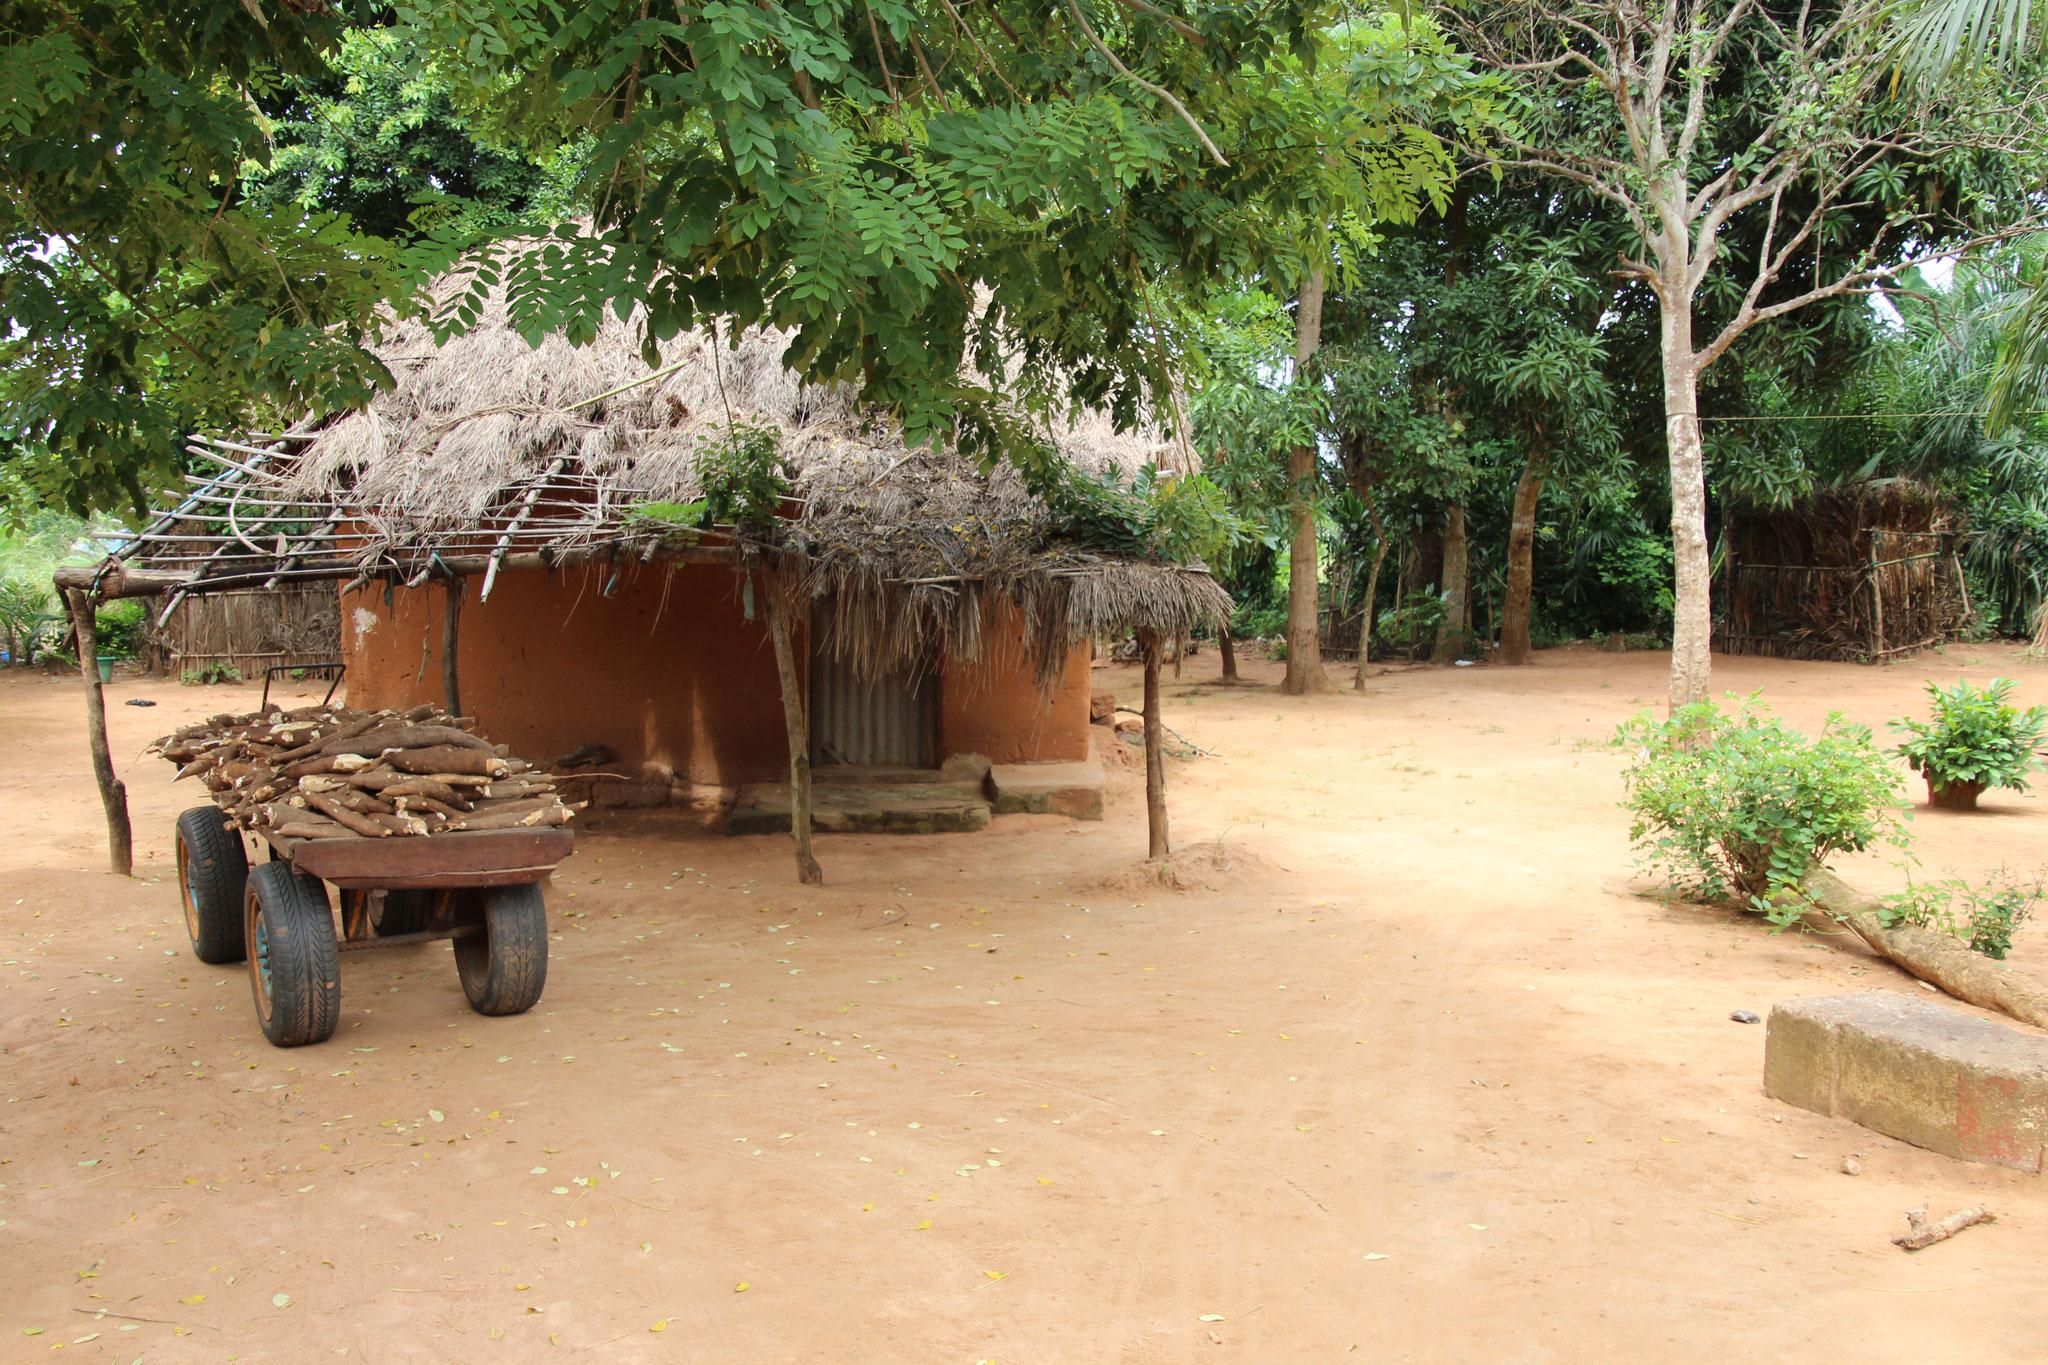 Lehmhütte. Auf dem Pus-Pus liegt Manjok,welcher von den Kindern geerntet wurden.